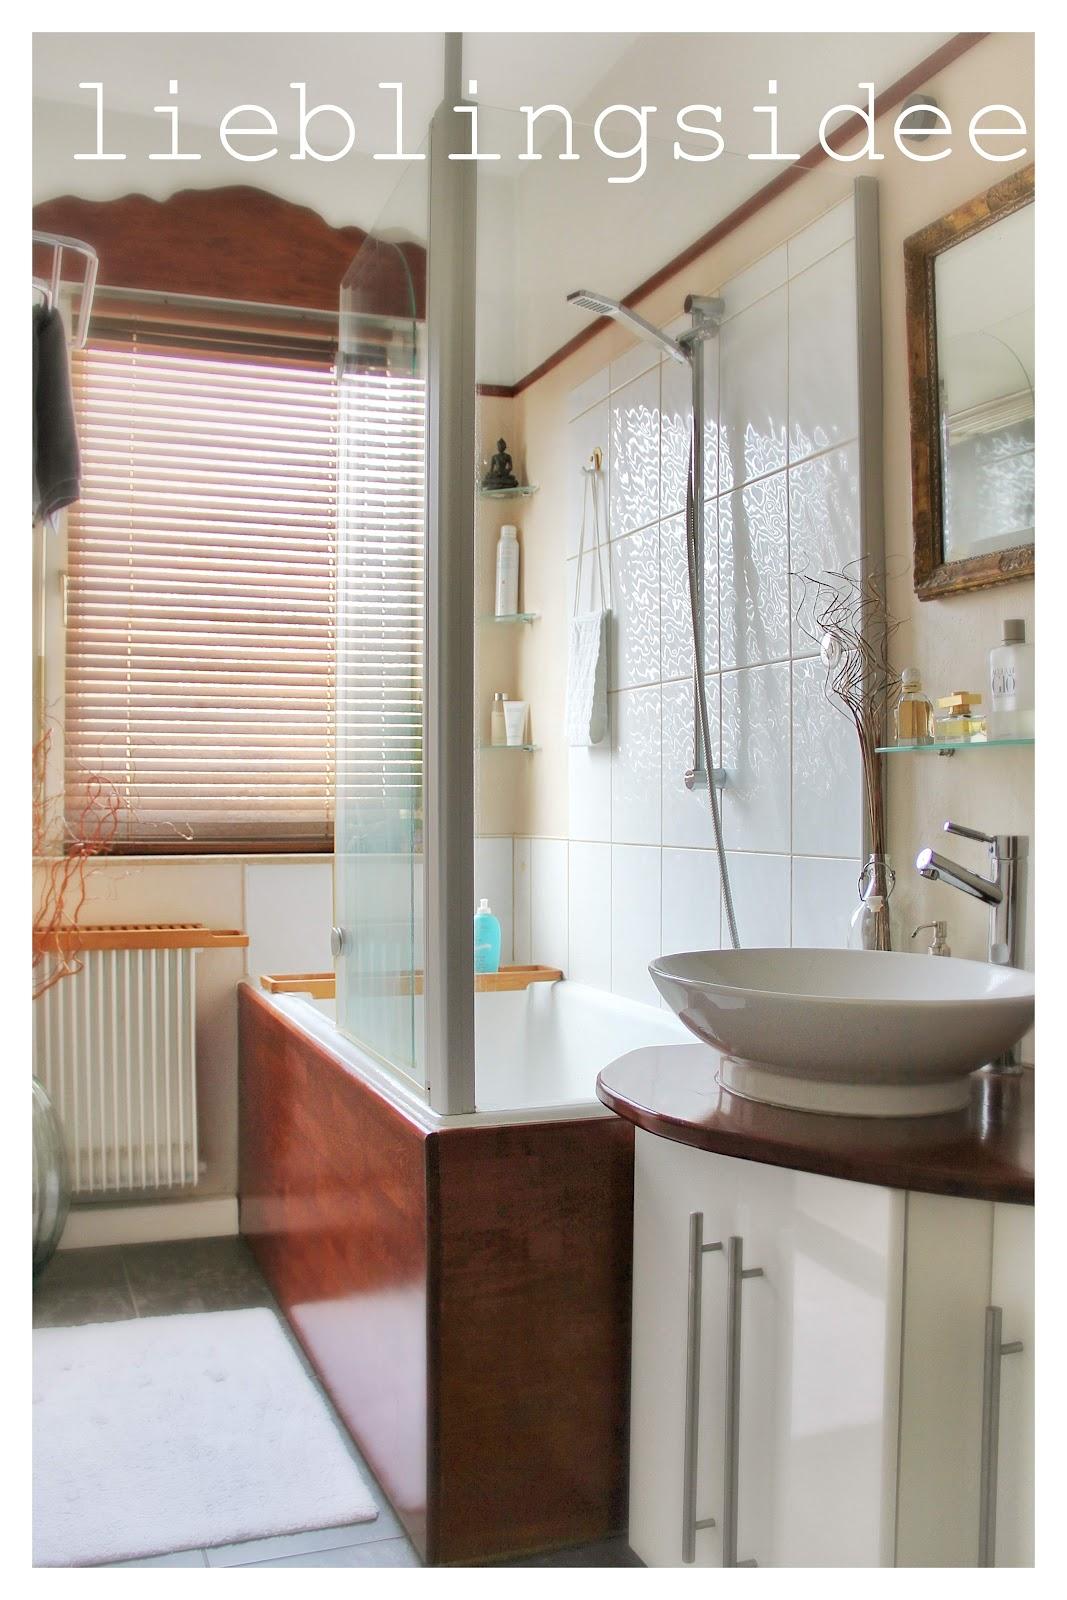 lieblingsidee: Ein Badezimmer im Kajütenlook ... aus alt mach neu ...